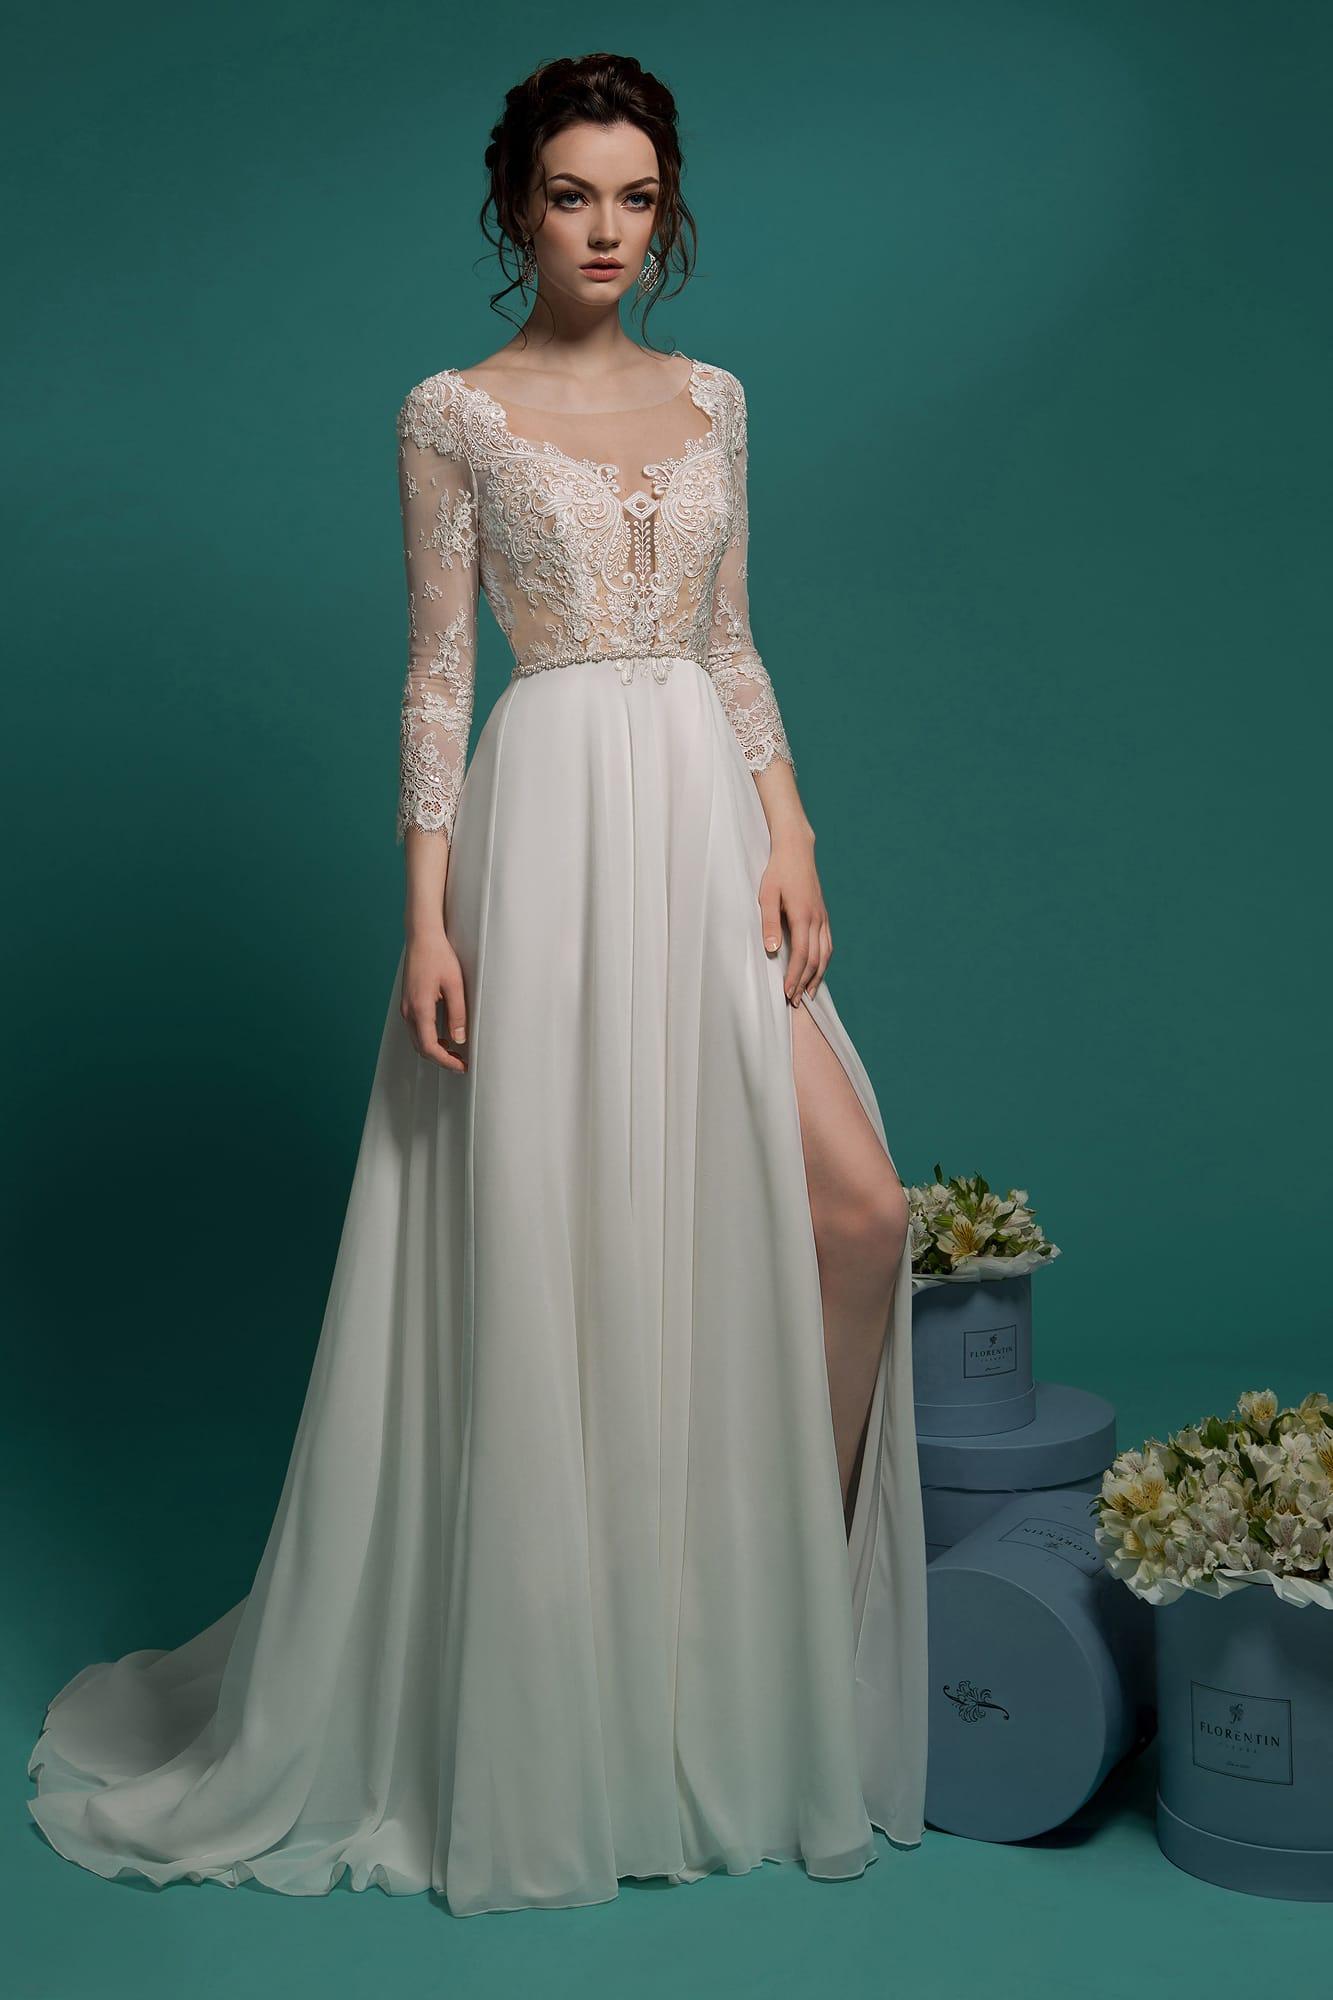 b2bb17f4c2a Соблазнительное свадебное платье прямого кроя с разрезом сбоку по юбке и  длинными рукавами.